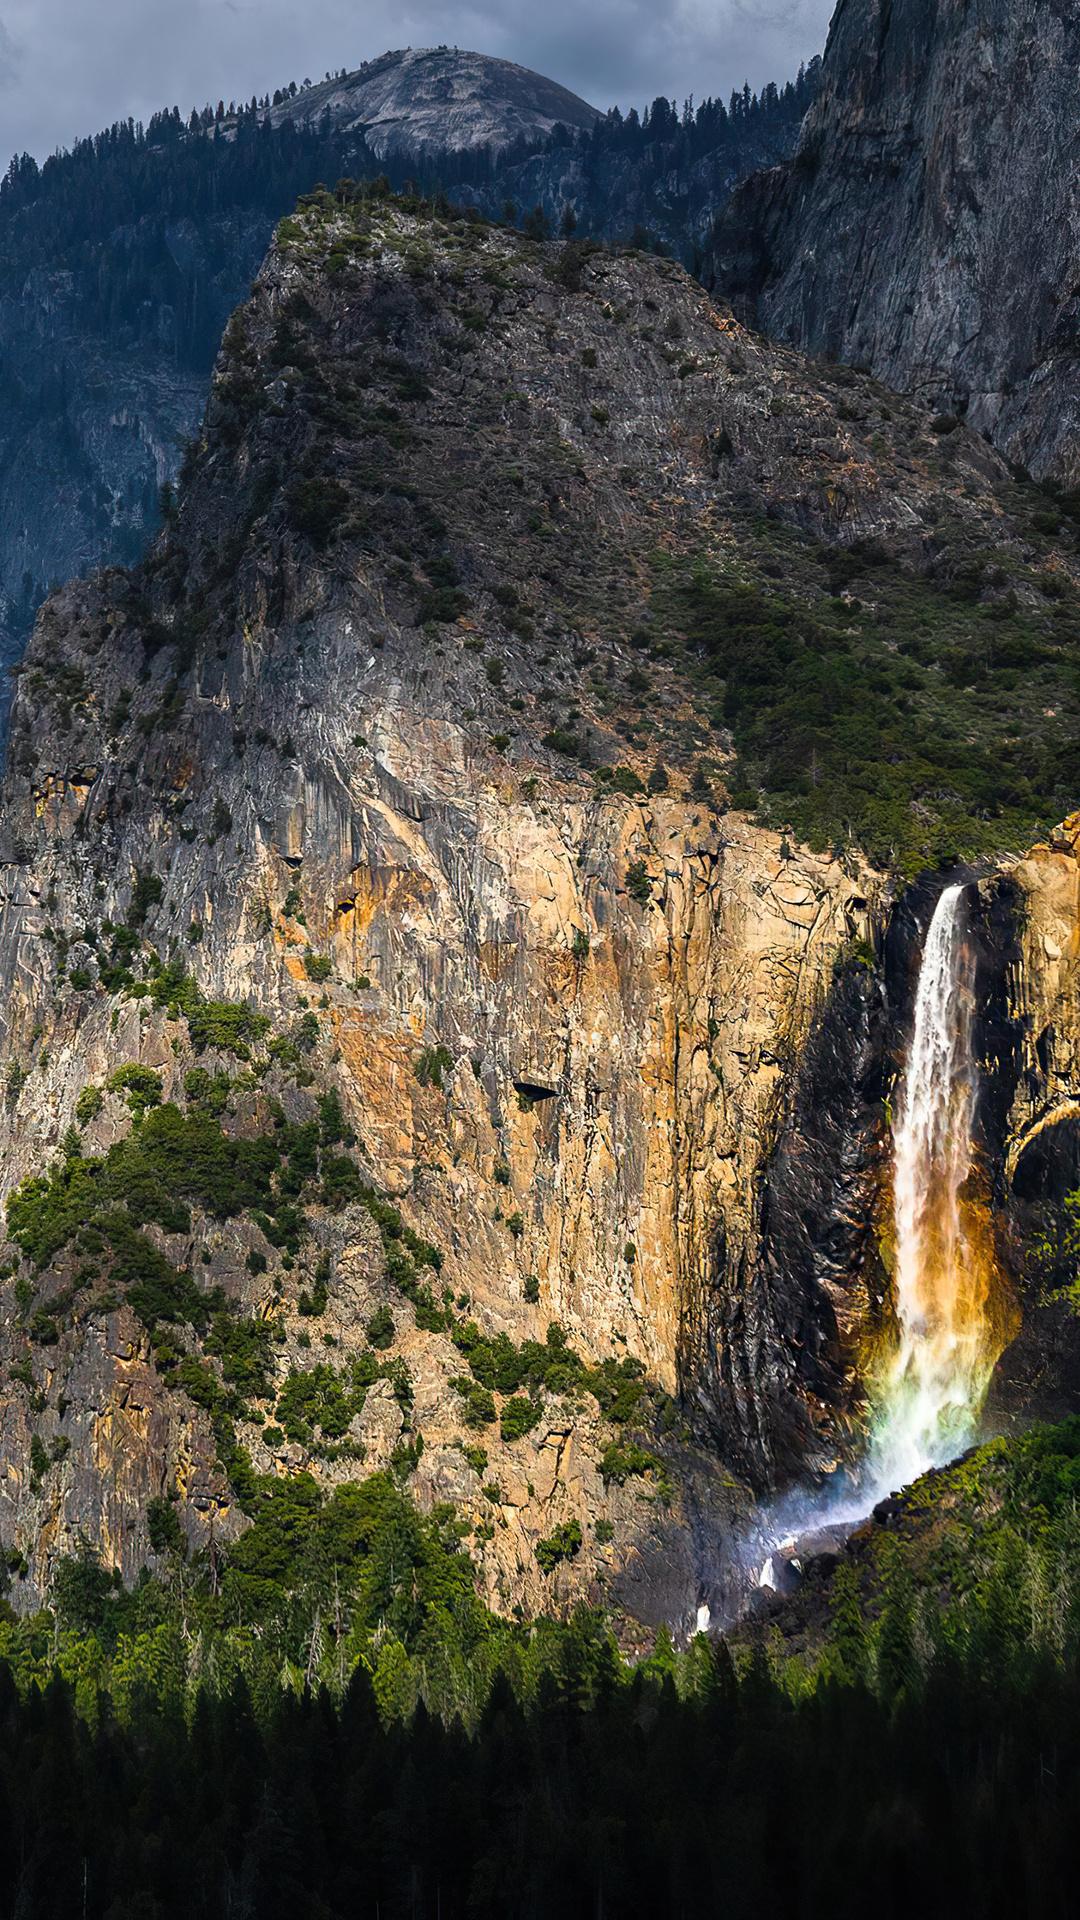 yosemite-national-park-us-4k-42.jpg